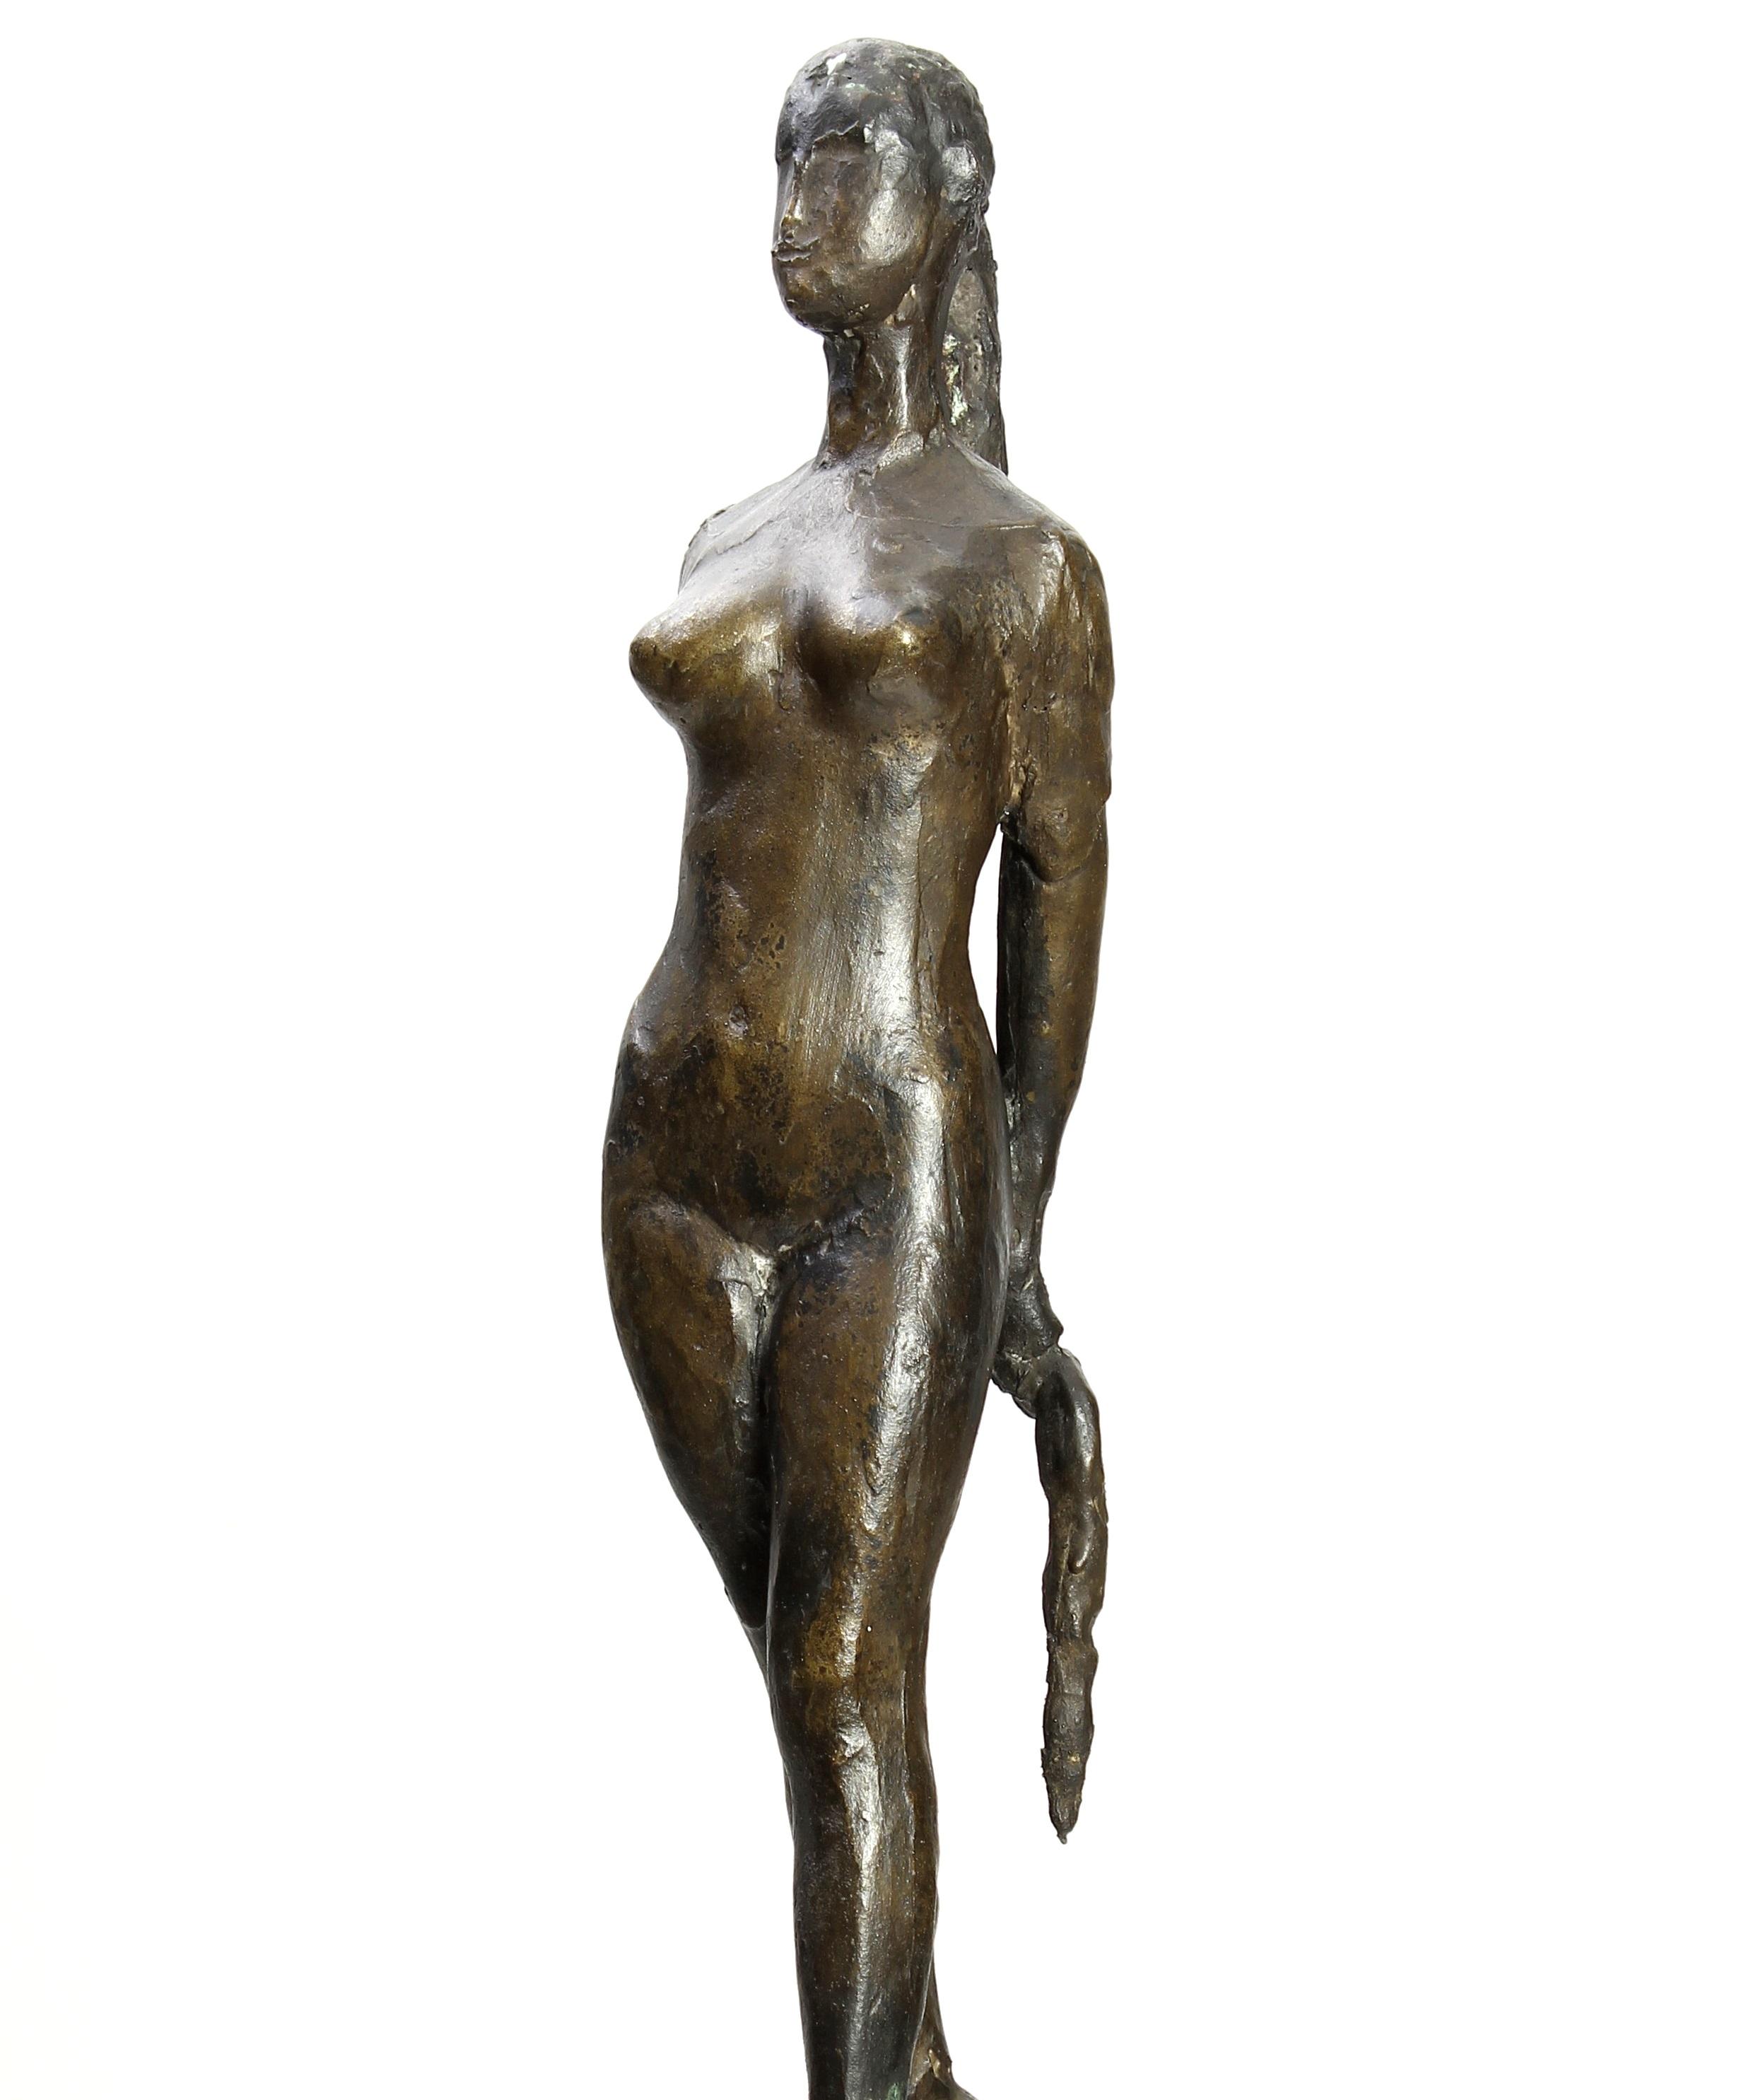 Giacome Manzu, Italian, 1908-1991, 'Passo Di Danza' Bronze. Estimate $20,000-30,000.3